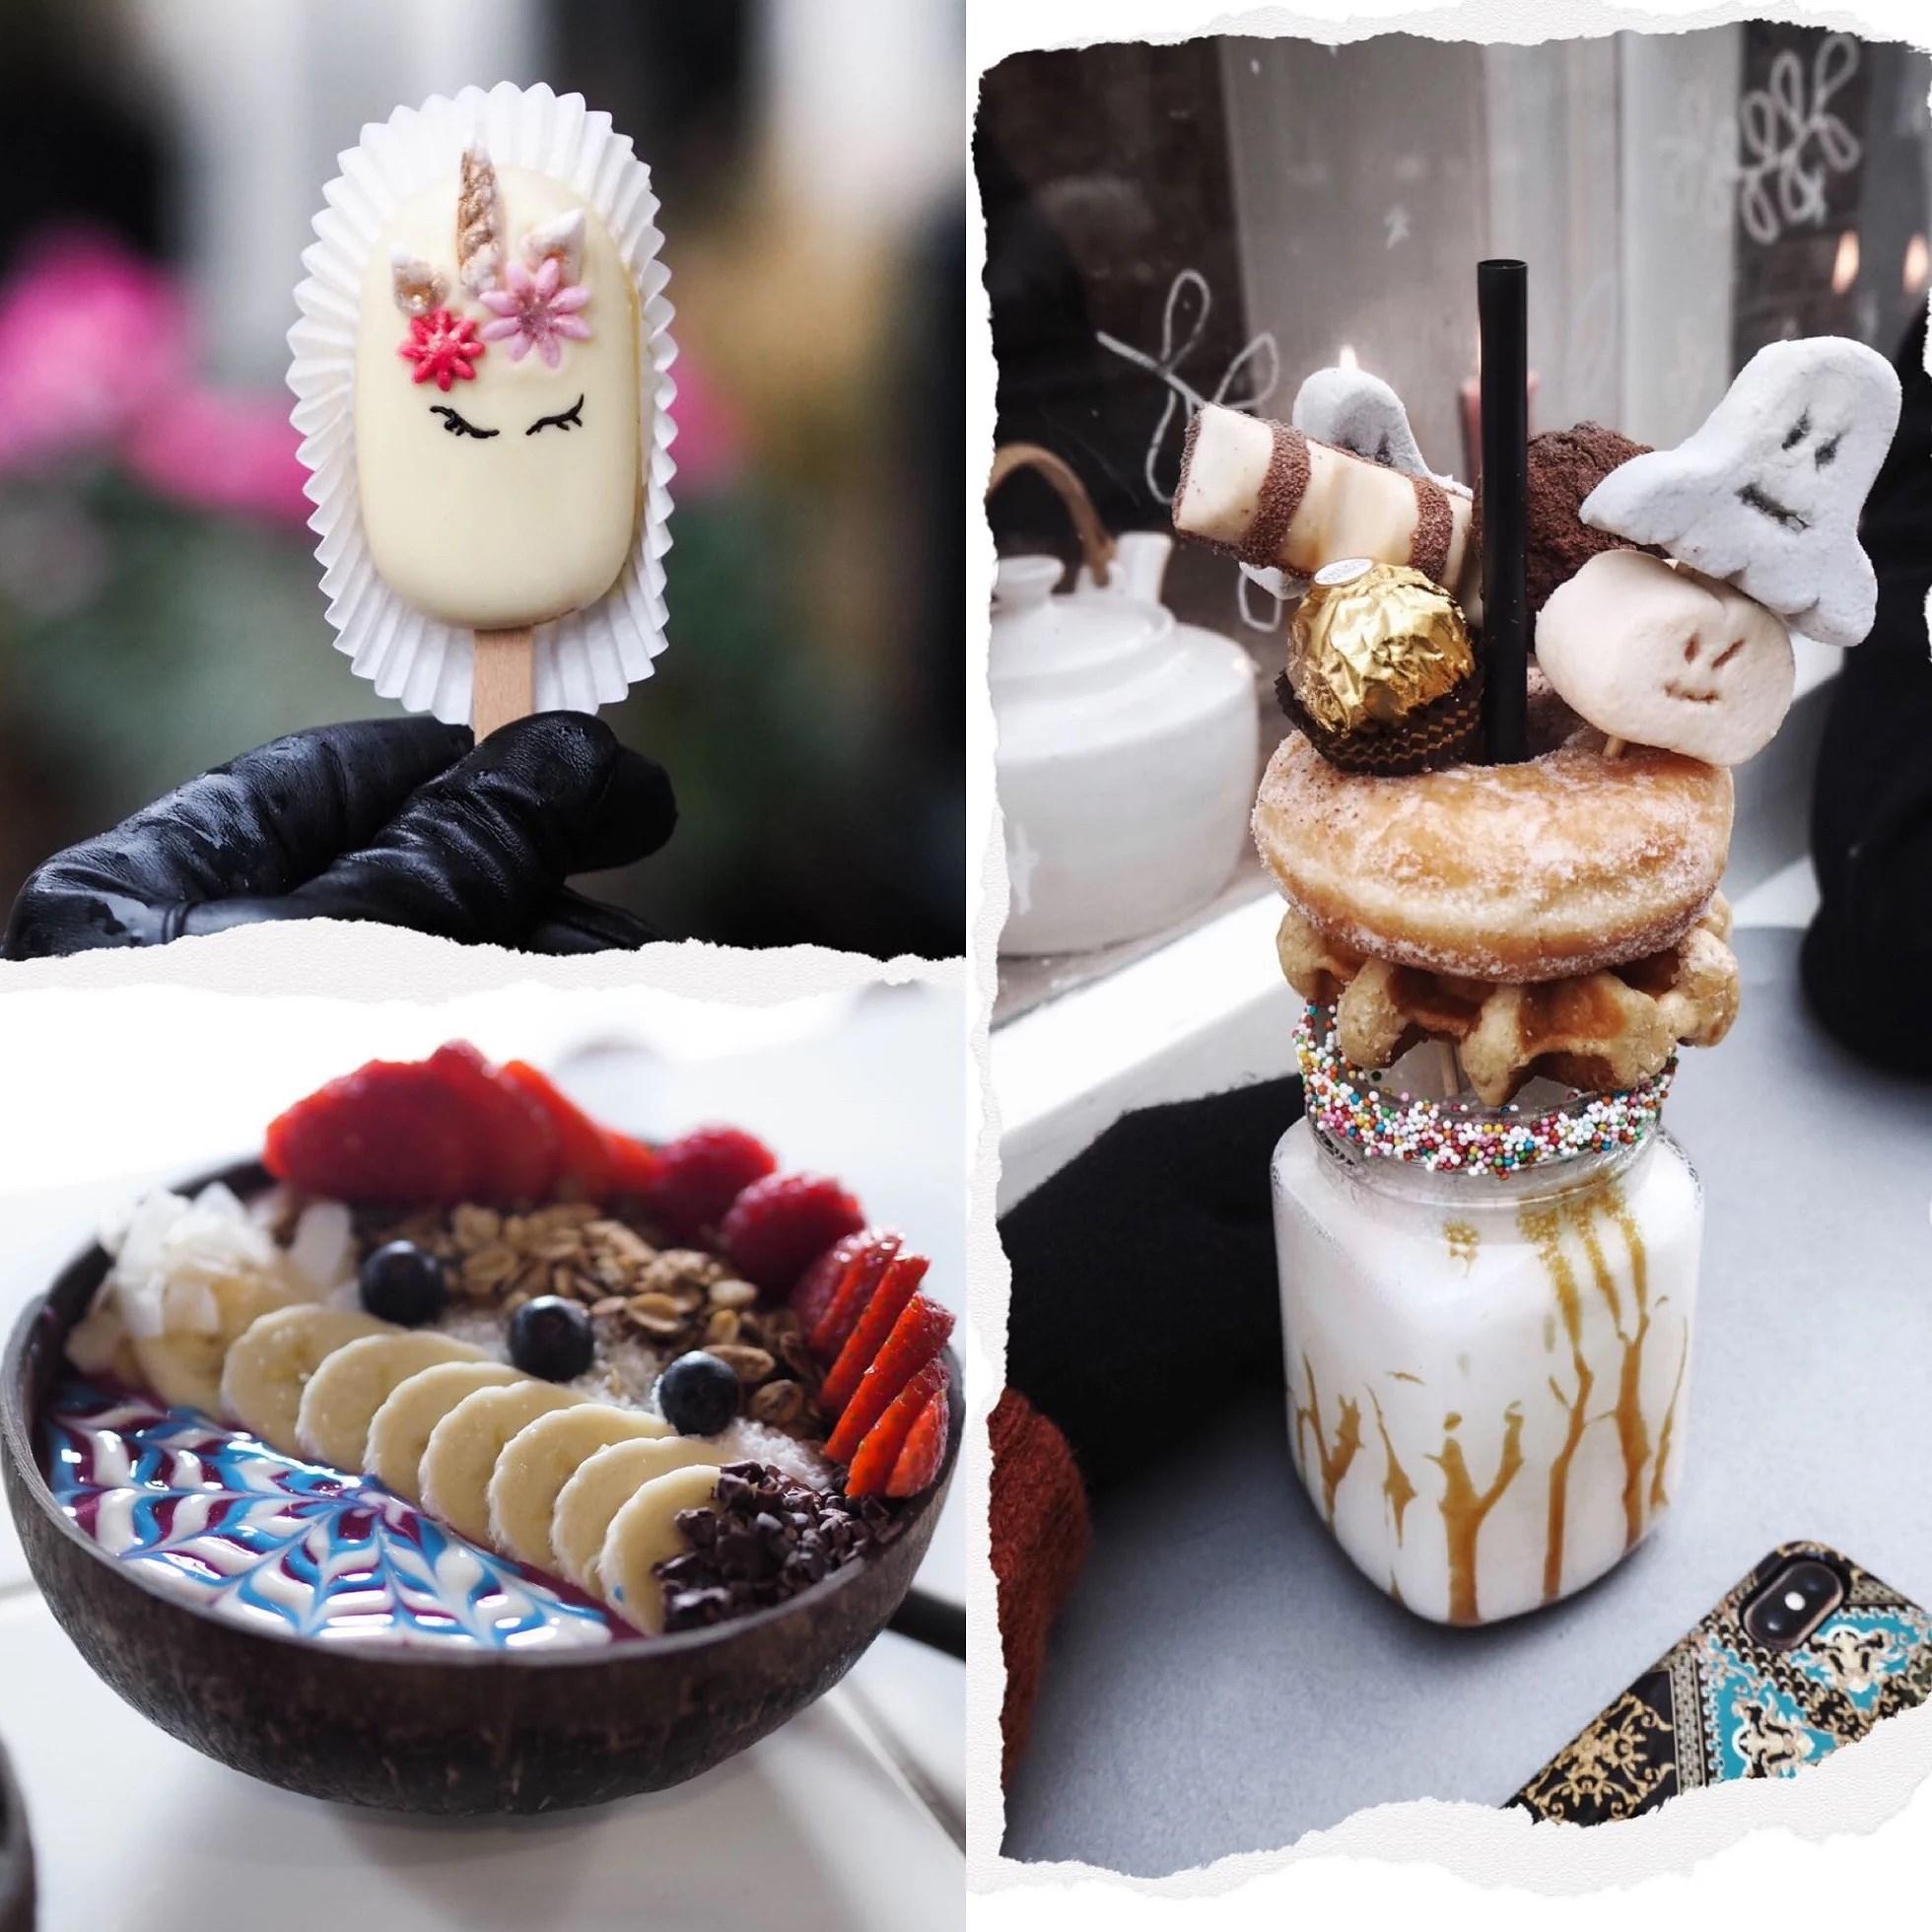 Instagram-vennlige cafeer i Amsterdam